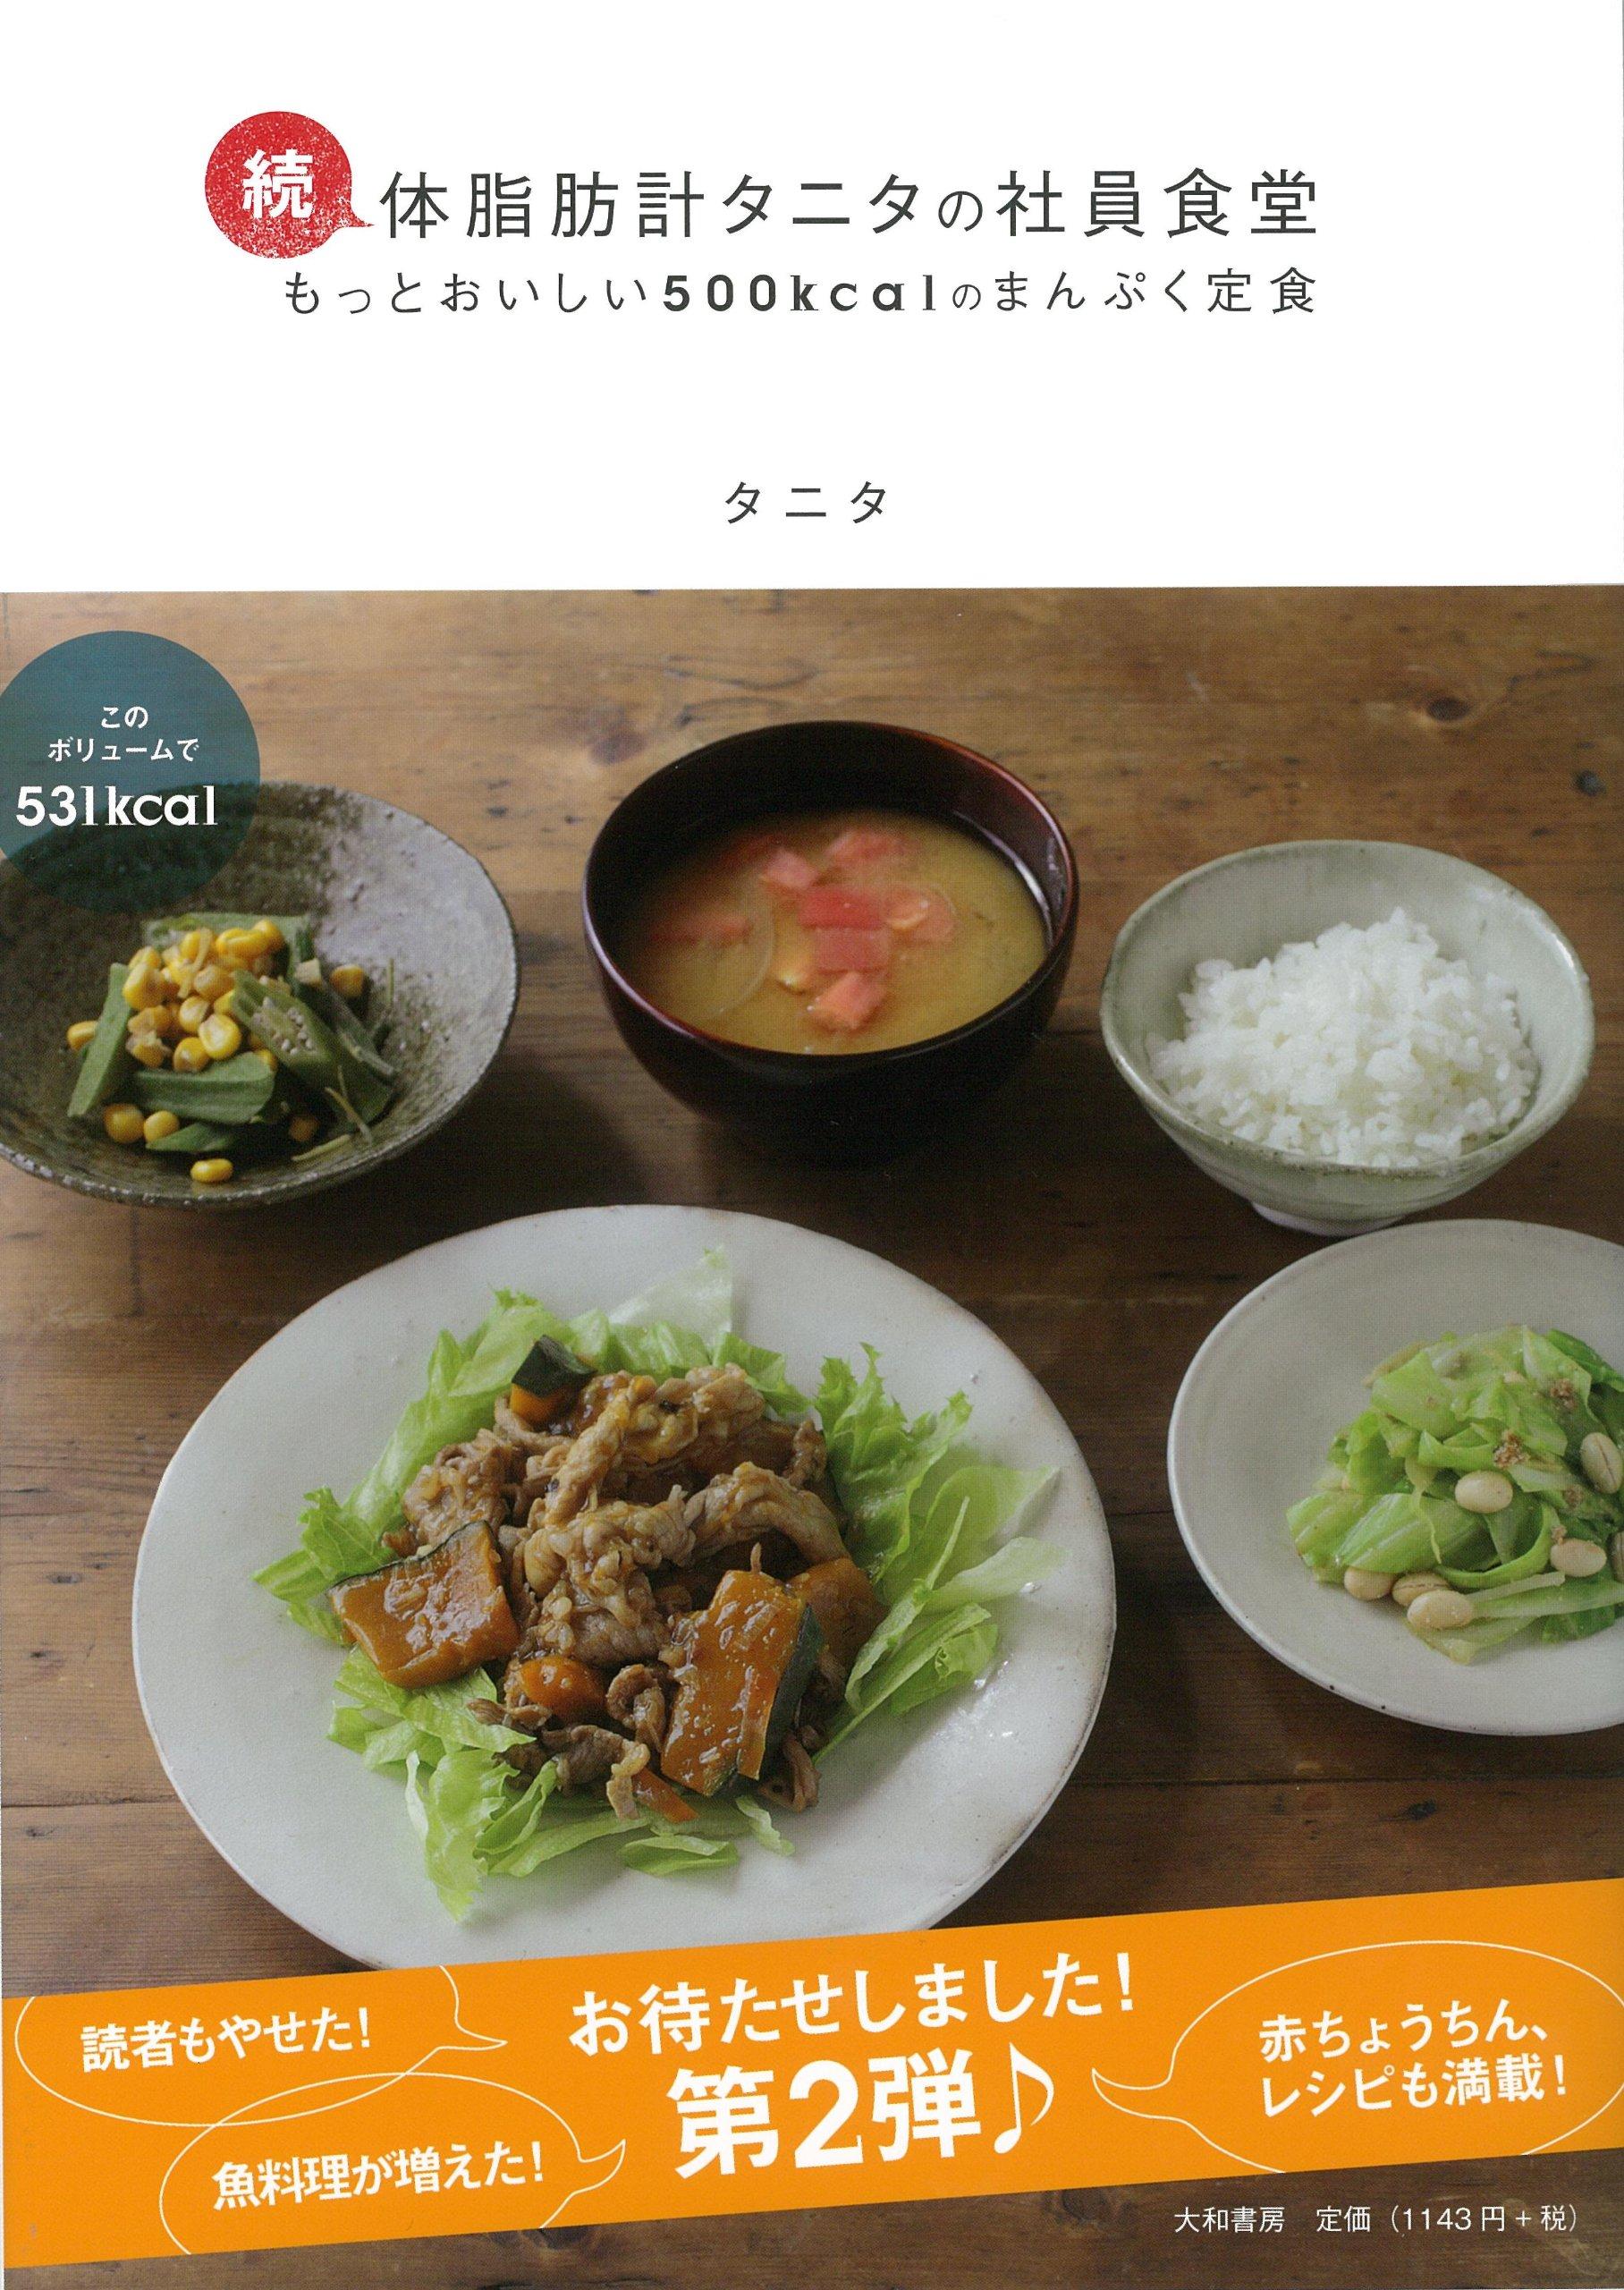 Zoku Taishibokei Tanita No Shain Shokudo: Motto Oishii Gohyakkirokarori No Manpuku Teishoku (Japanese Edition) pdf epub